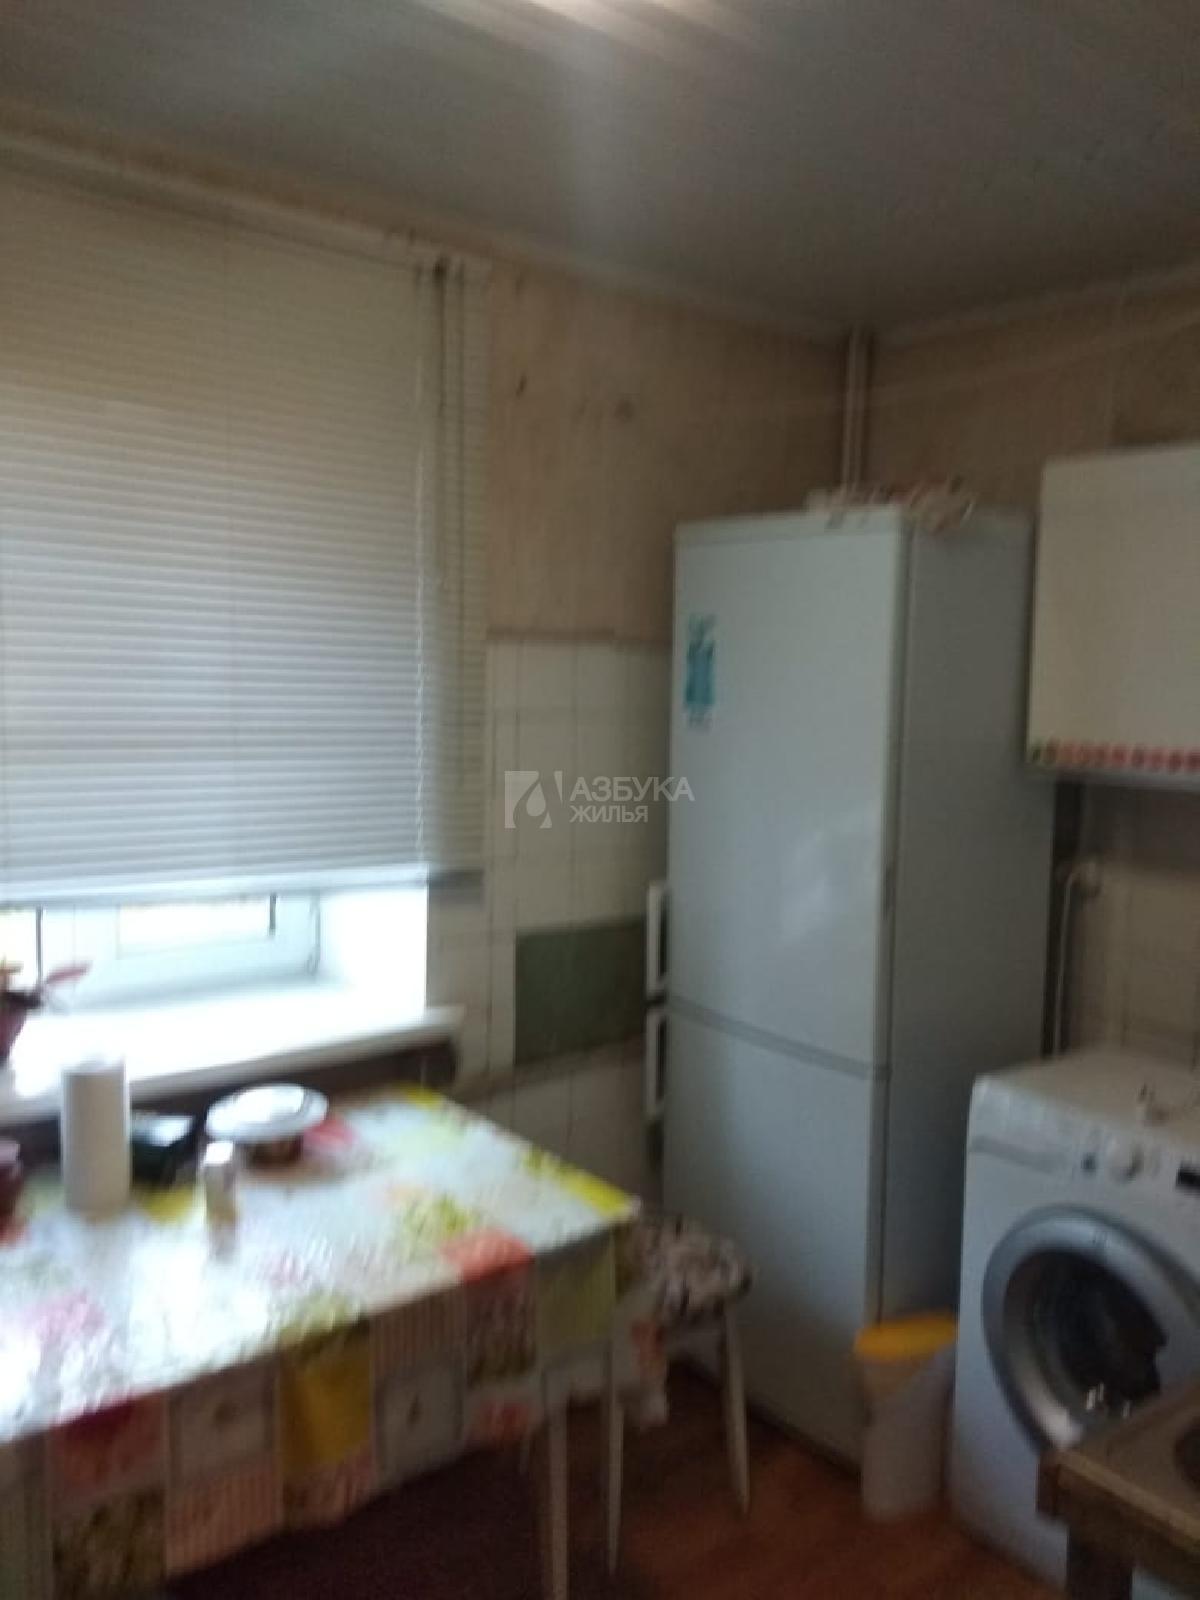 Фото №13 - 3-комнатная квартира, Тарасовка, Пожидаева улица 13 А